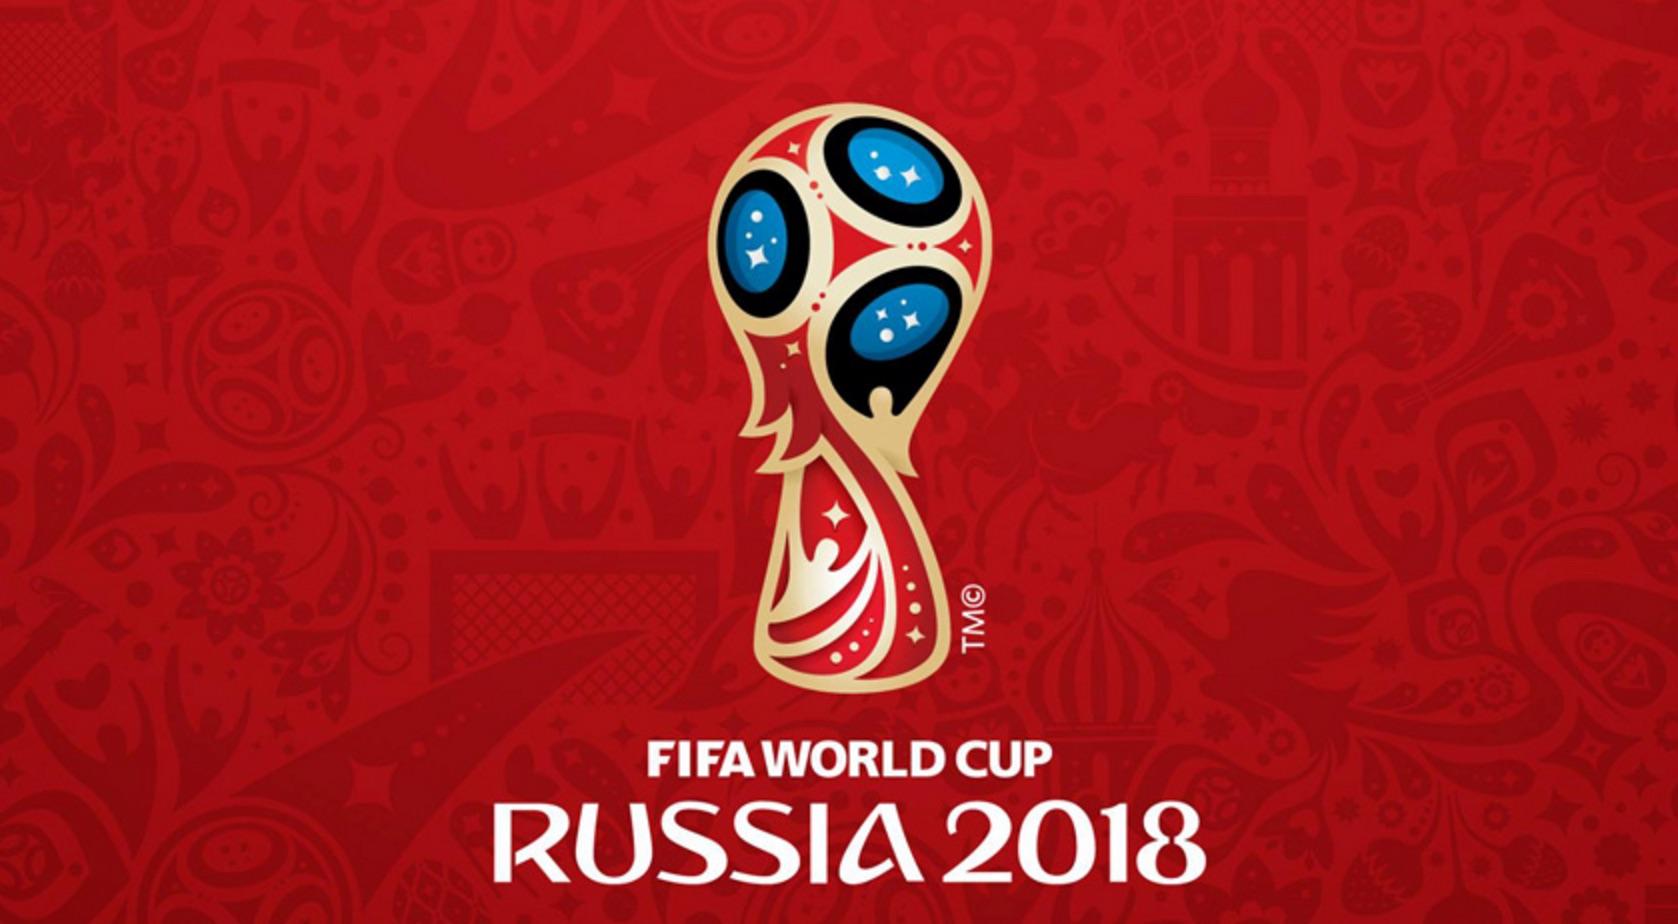 كأس العالم - مونديال روسيا 2018